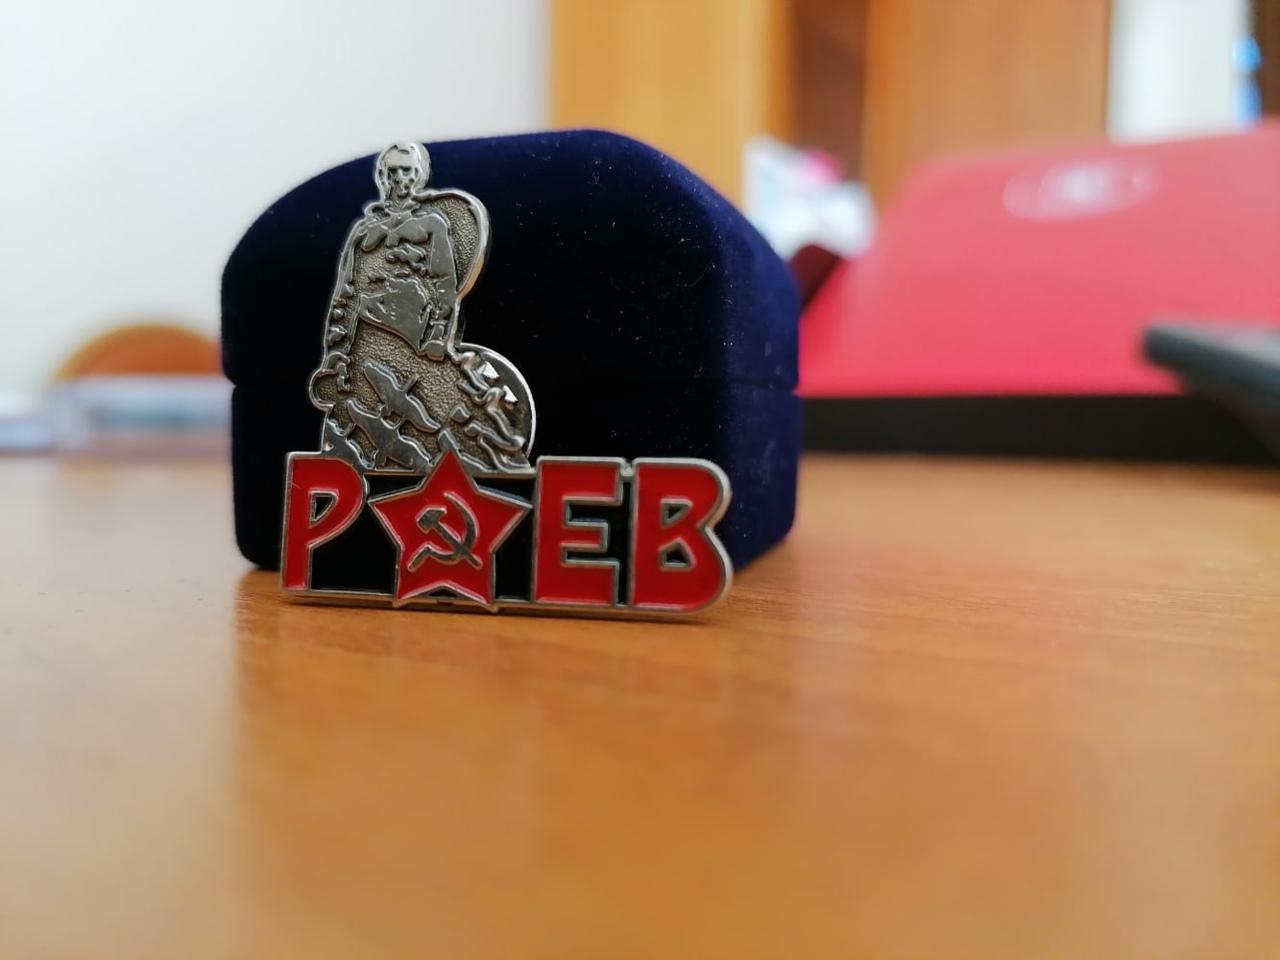 В Тверской области изготовили значки с изображением Ржевского мемориала